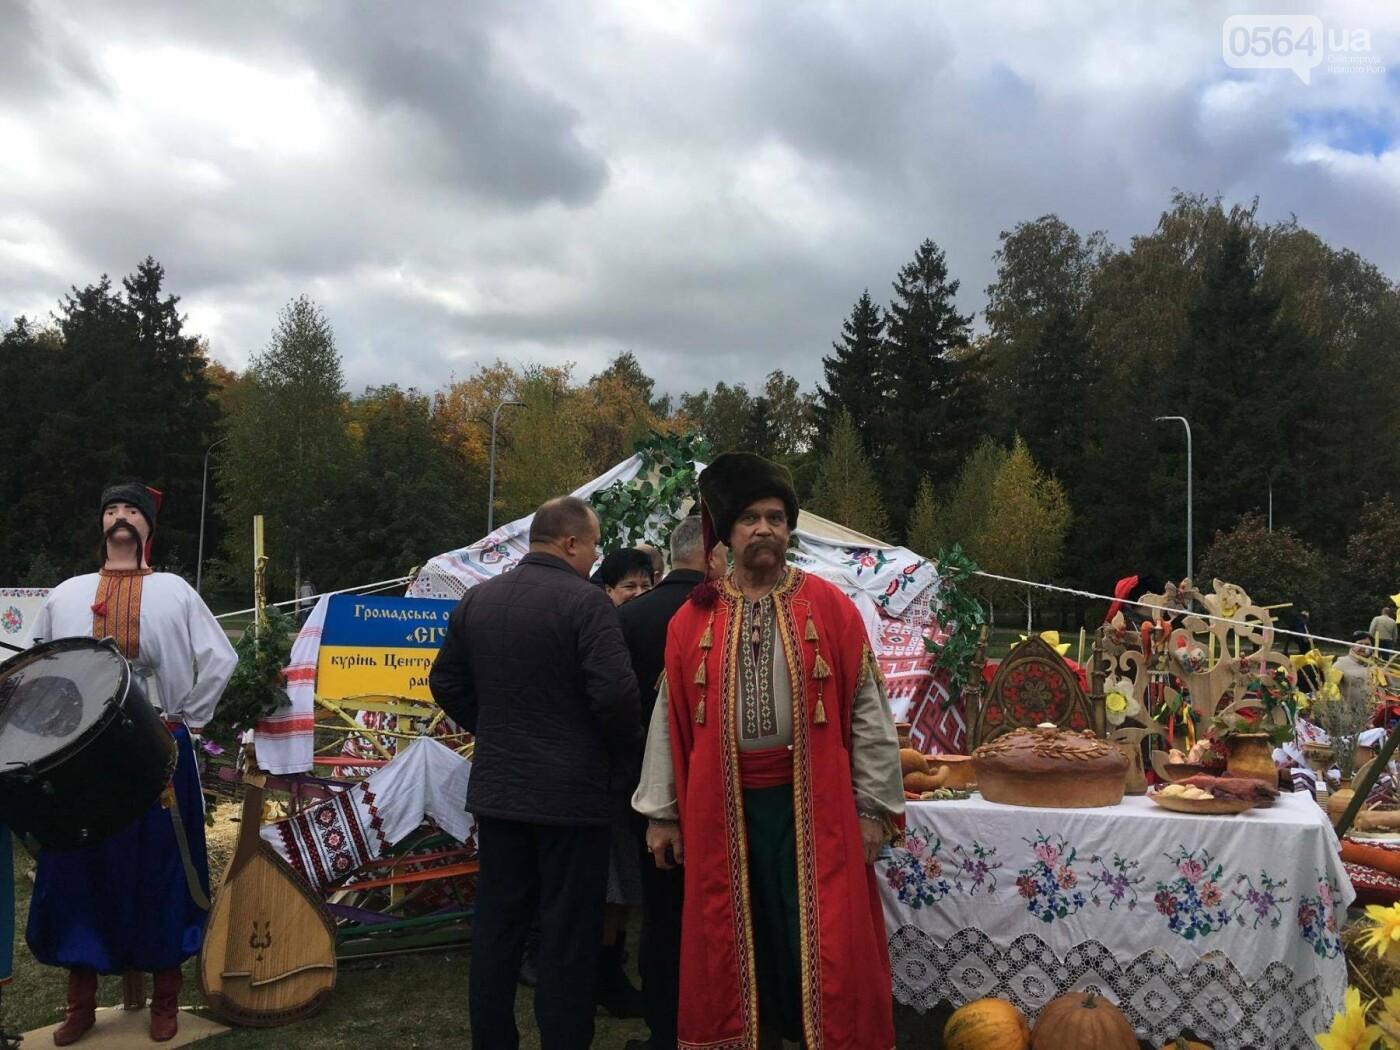 Тысячи криворожан отмечают День украинского козачества на Фестивале в парке Героев (ФОТО, ВИДЕО), фото-1